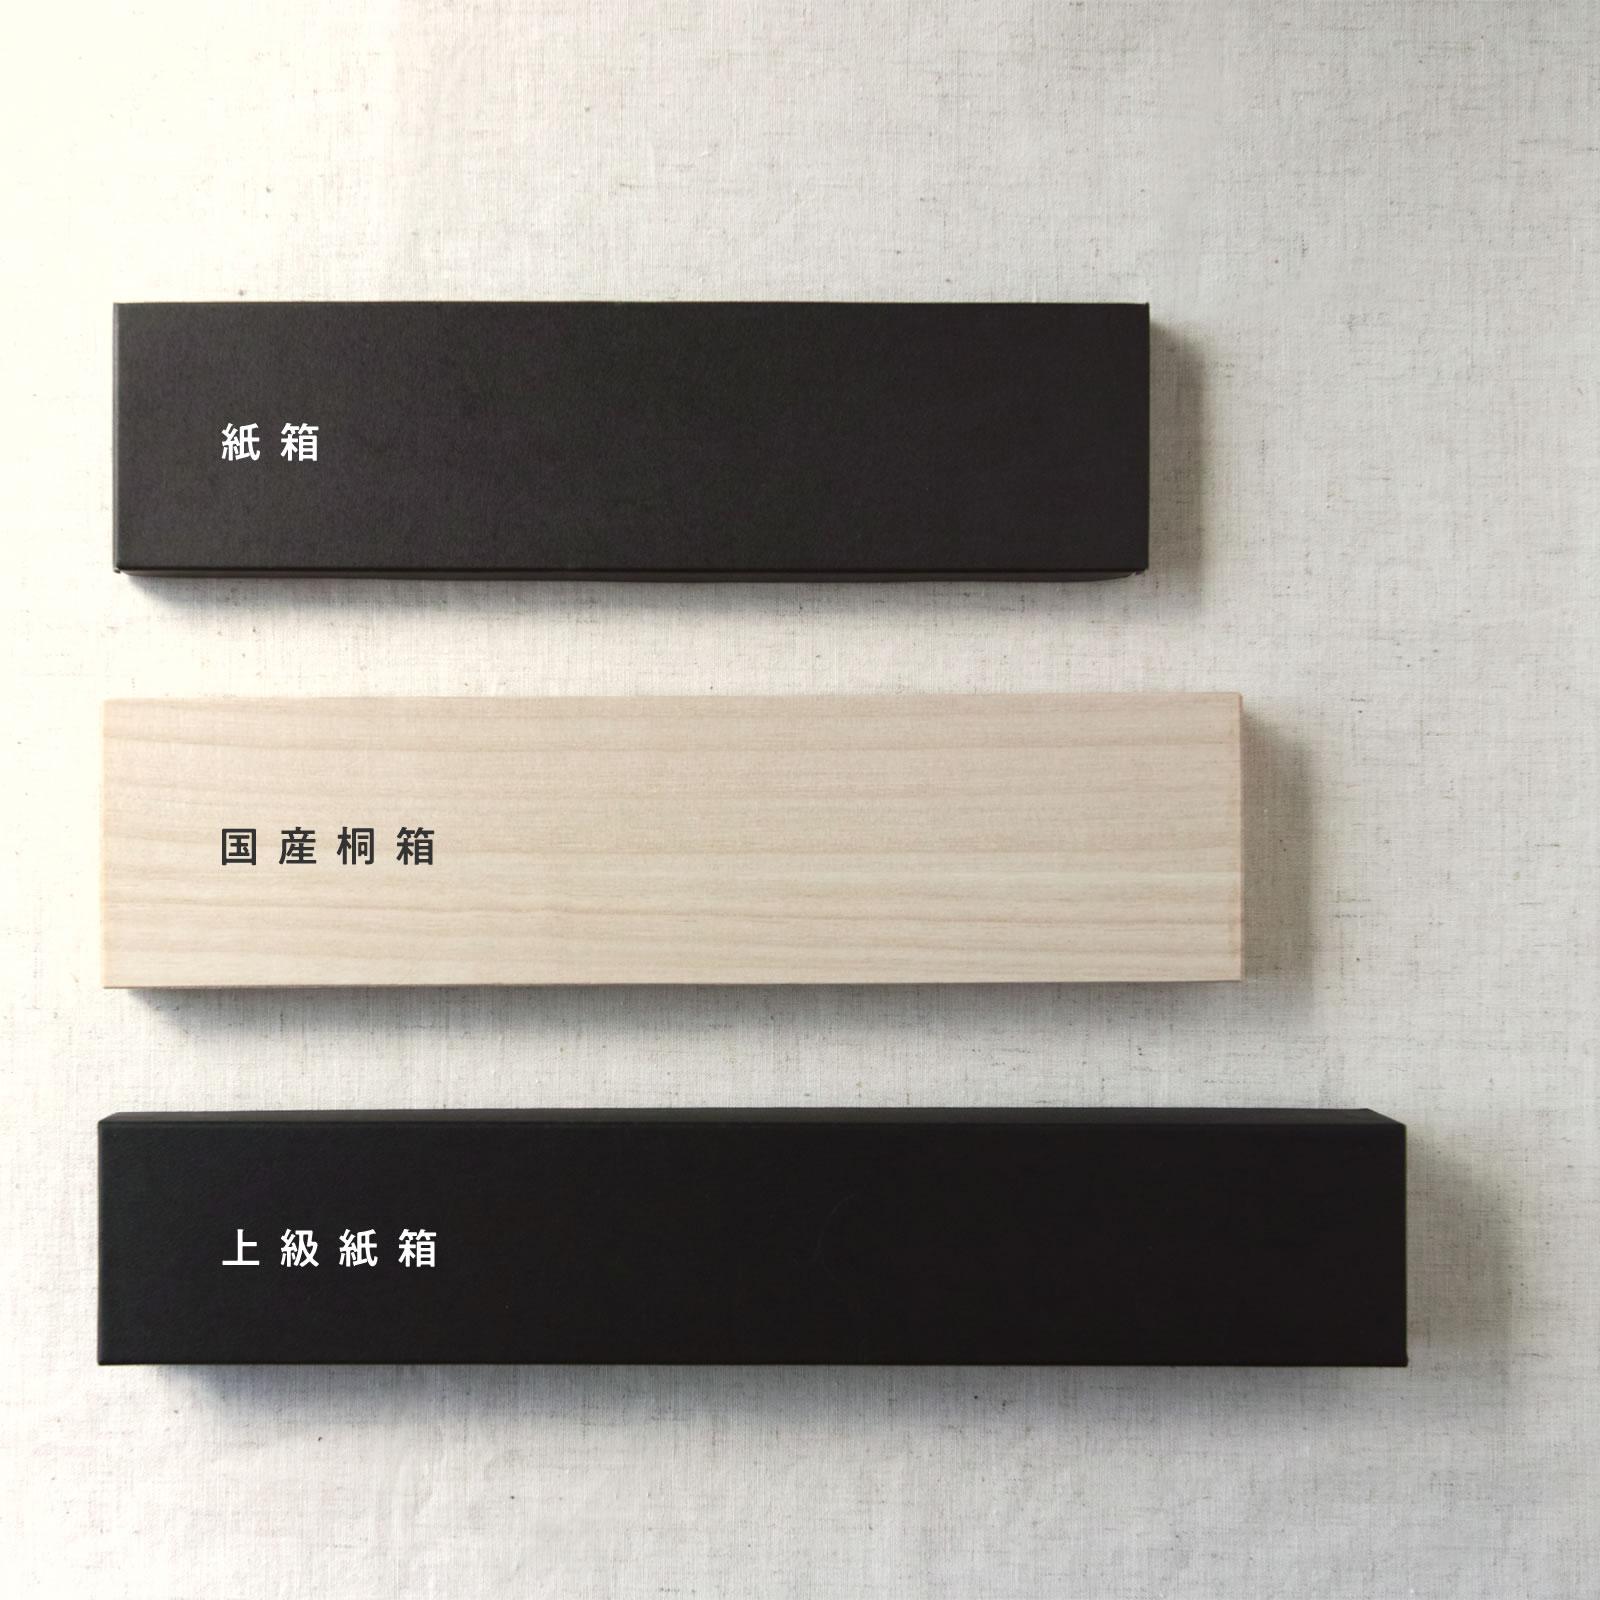 紙箱 国産桐箱 上級紙箱